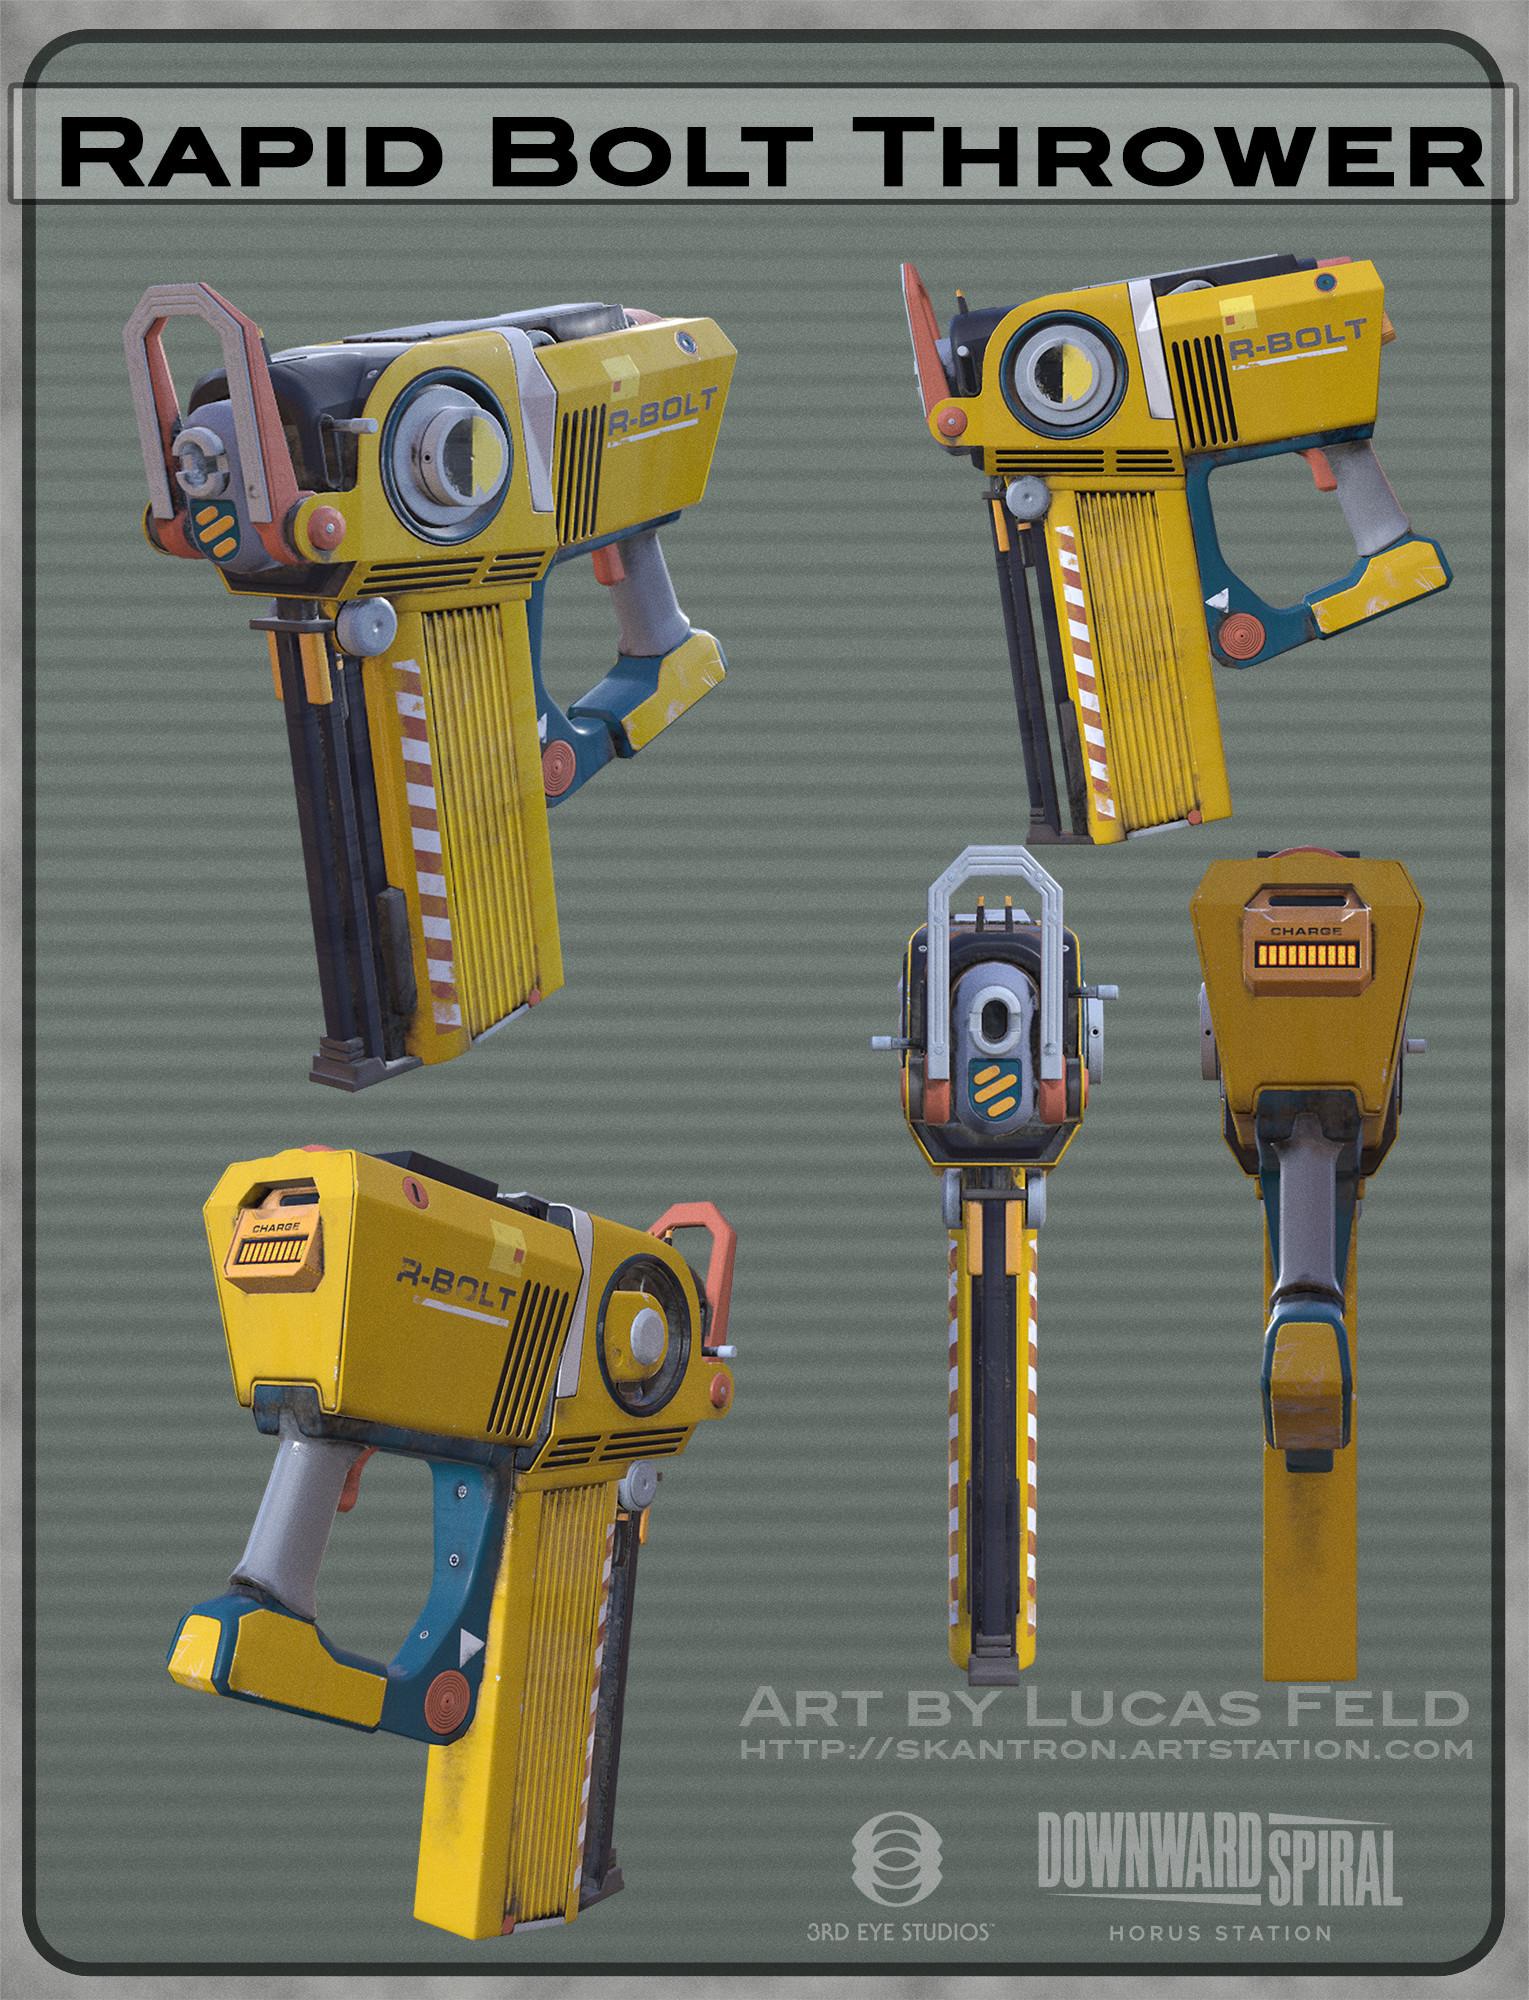 Lucas feld lucas feld weaponsprex smg